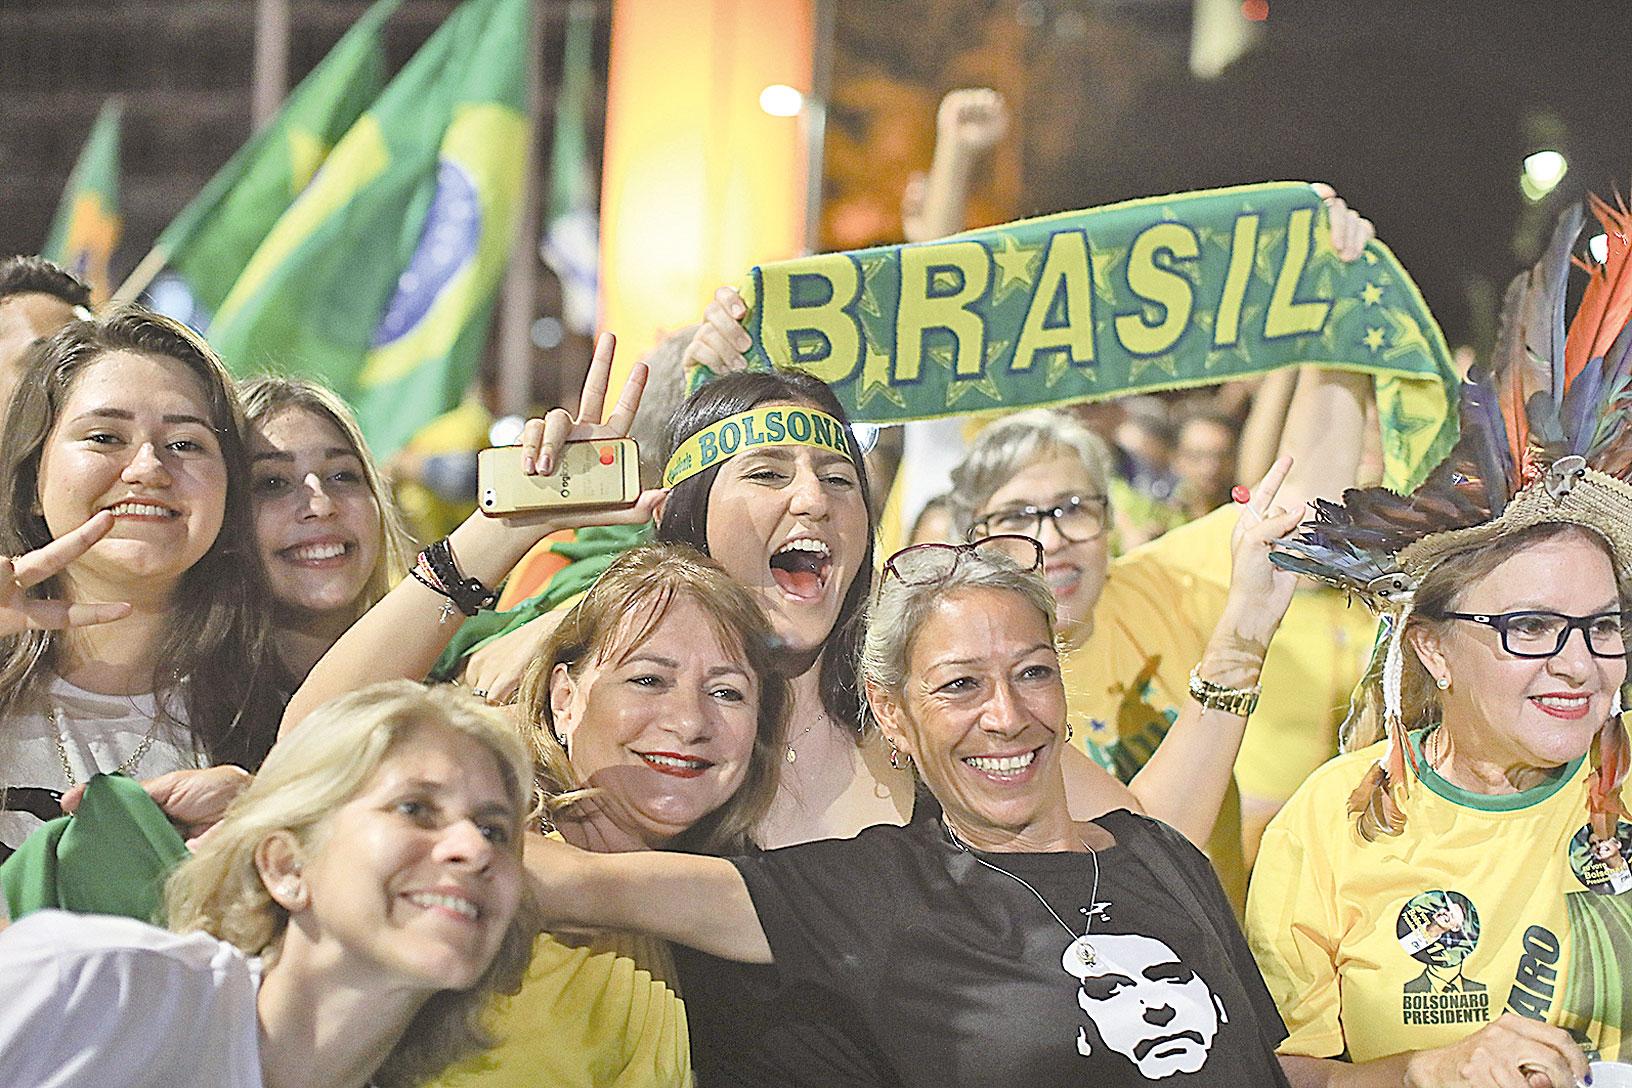 10月28日晚,巴西總統大選結果揭曉:社會自由黨候選人博索納羅當選新一任總統。圖為博索納羅的支持者在慶祝勝利。(SERGIO LIMA/AFP/Getty Images)